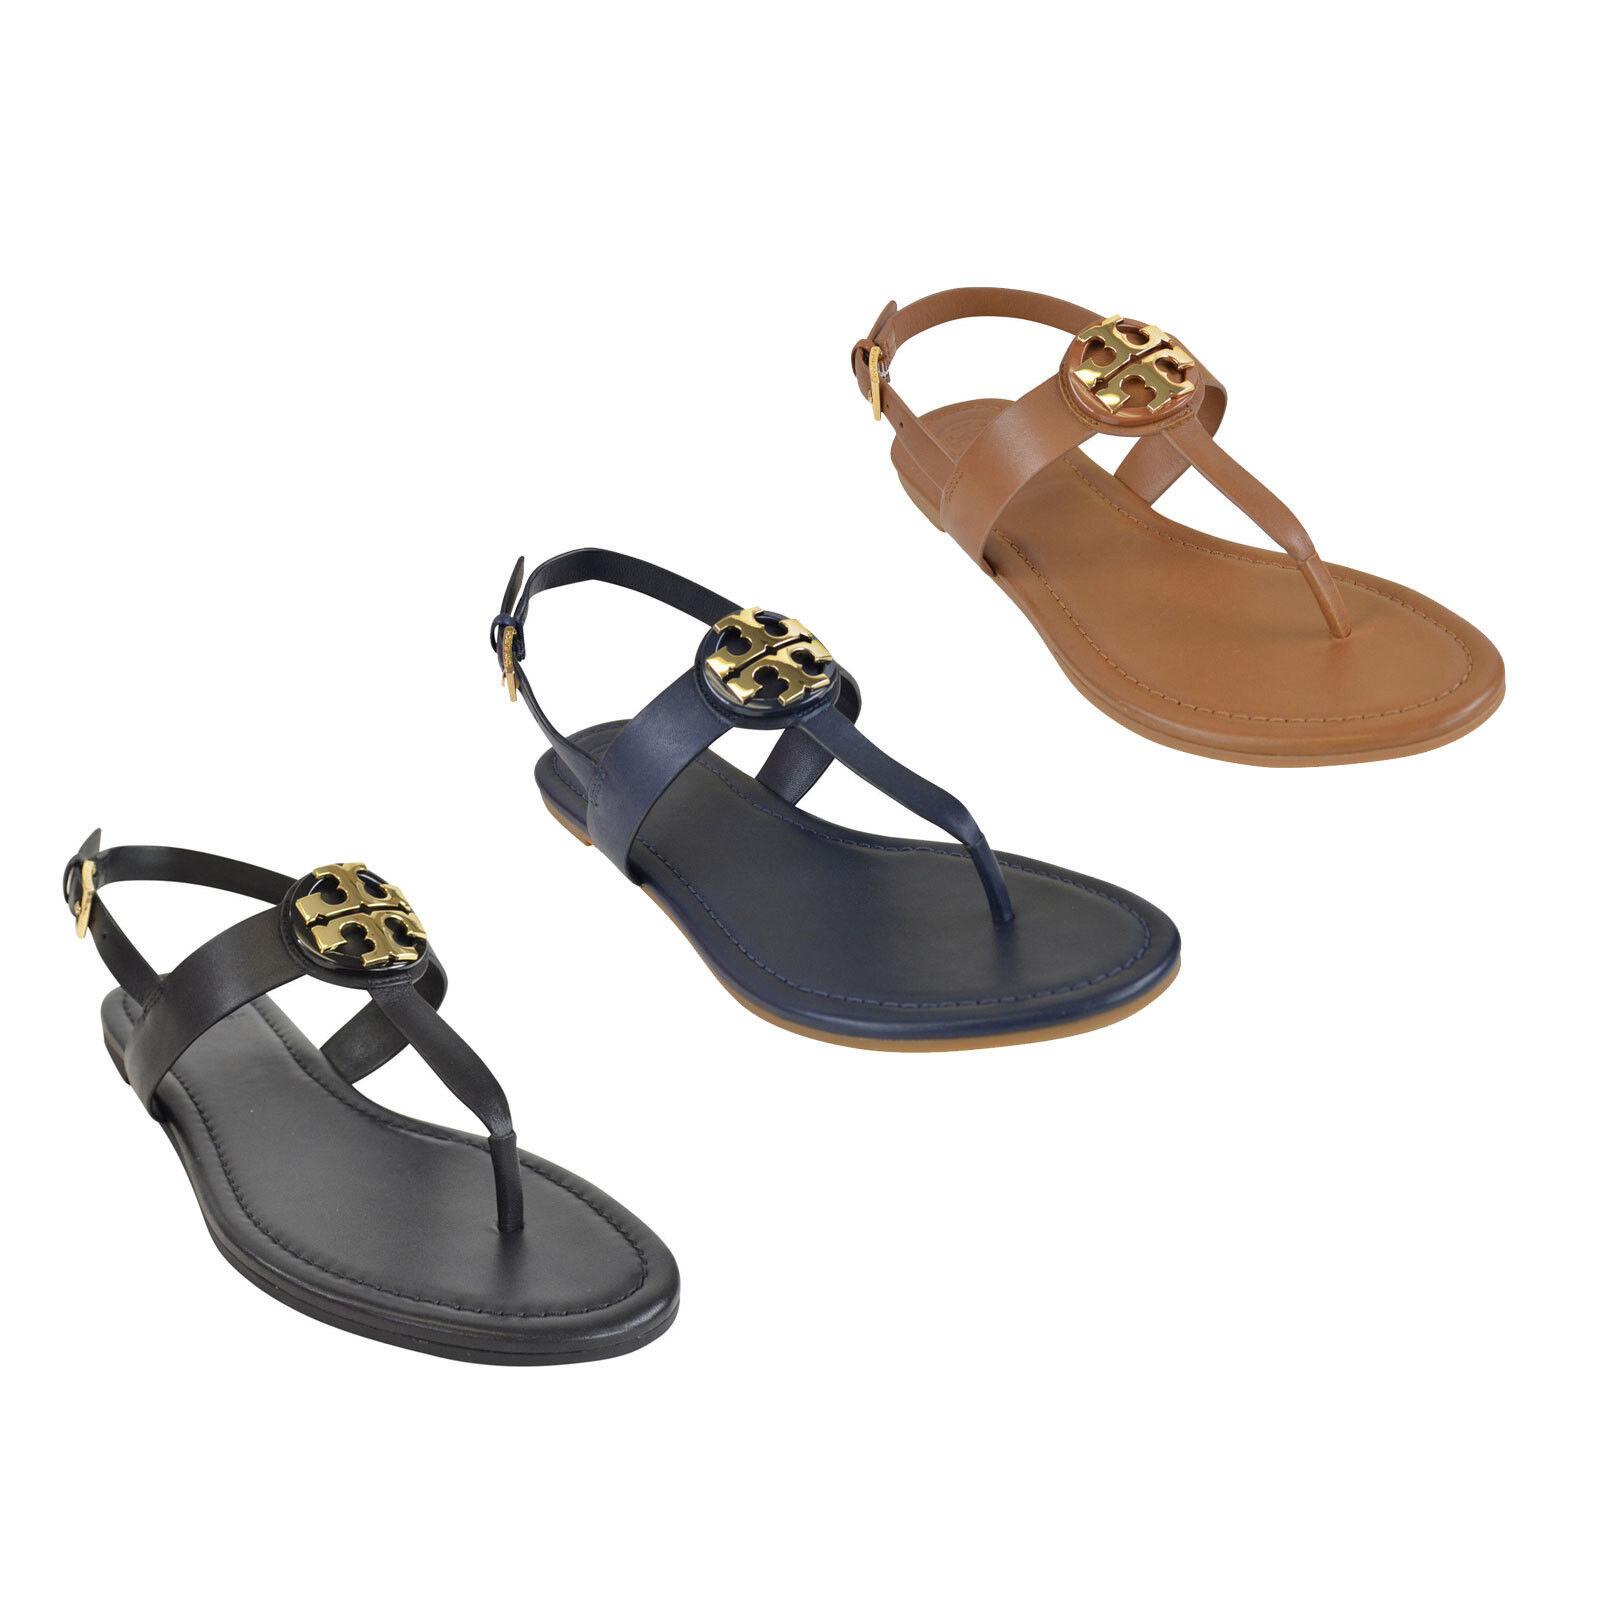 NIB Tory Burch BRYCE Flats Thong Sandals 6-10